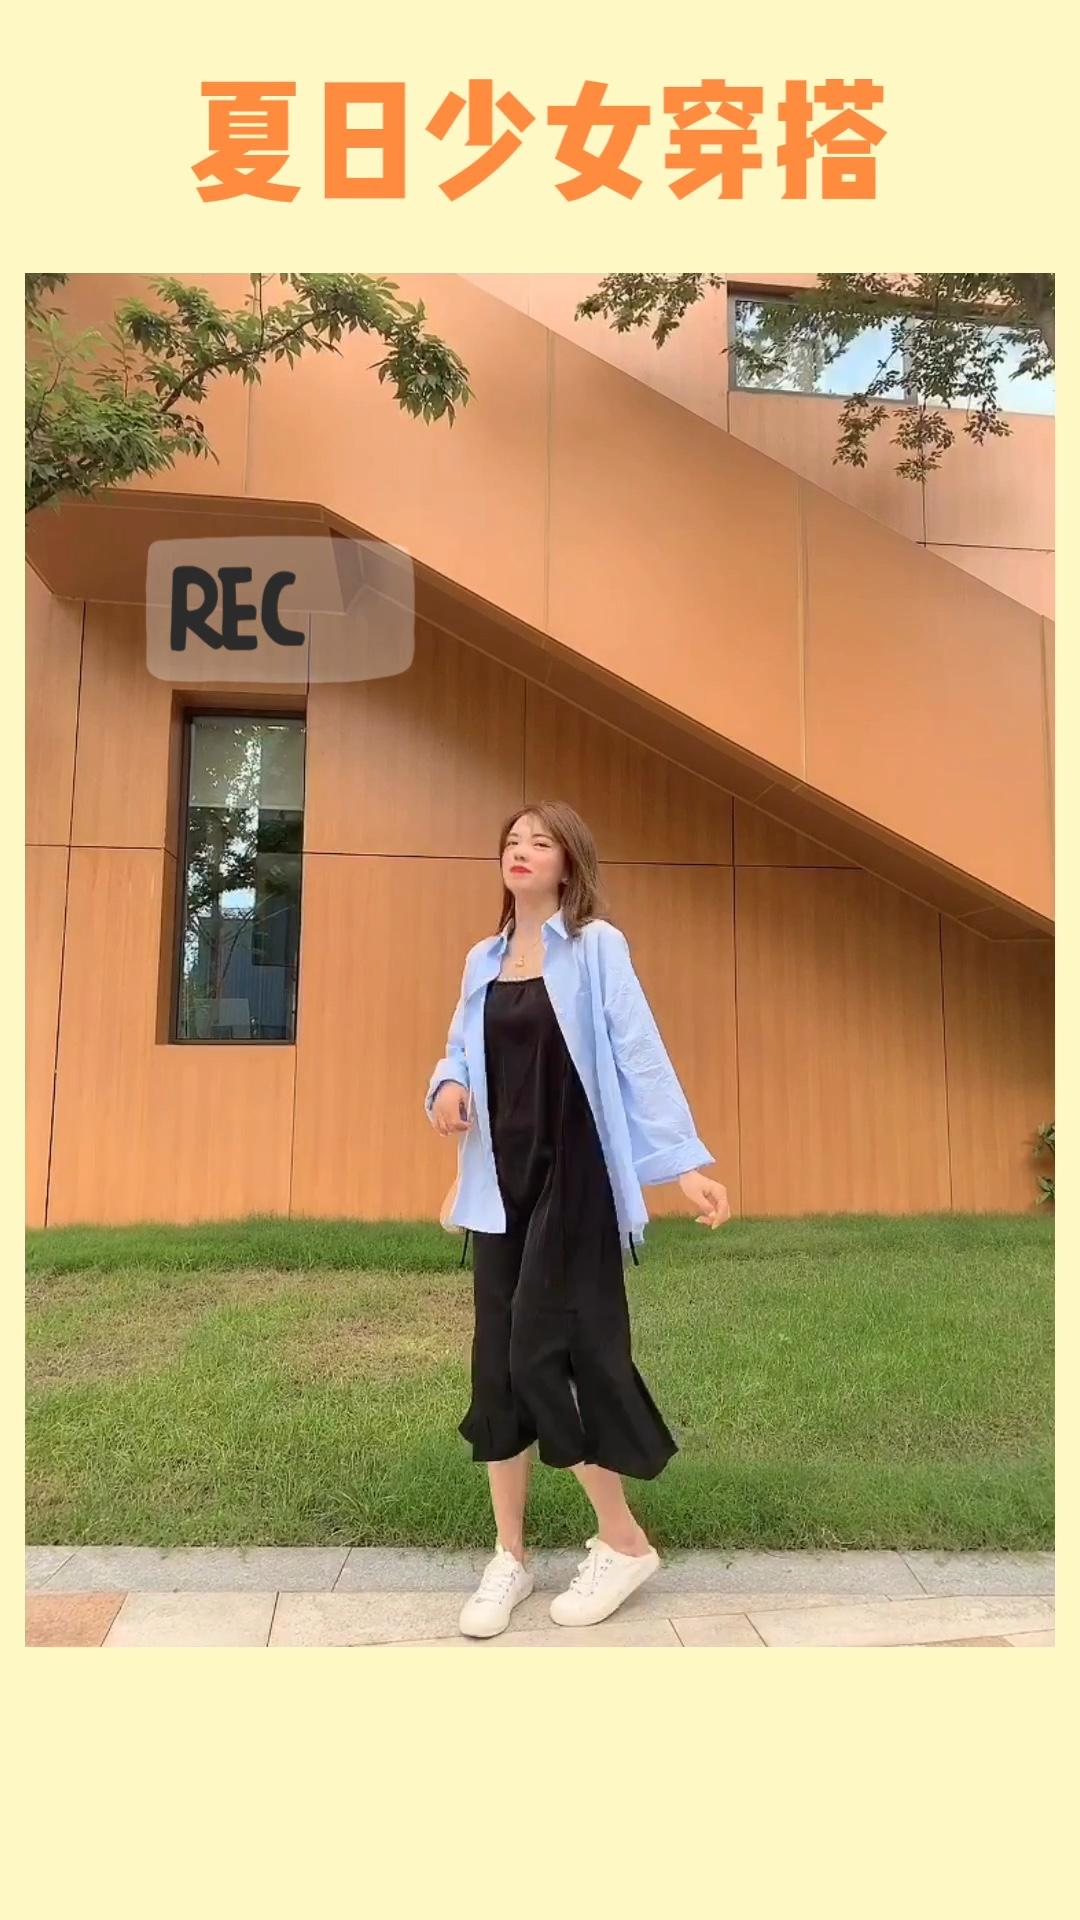 #盛夏和冰淇淋色更配哦!# 蓝色条纹衬衫特别的清新耐看,非常日常的感觉,搭配夏日必备小黑裙,不管是上班还是逛街都可以~